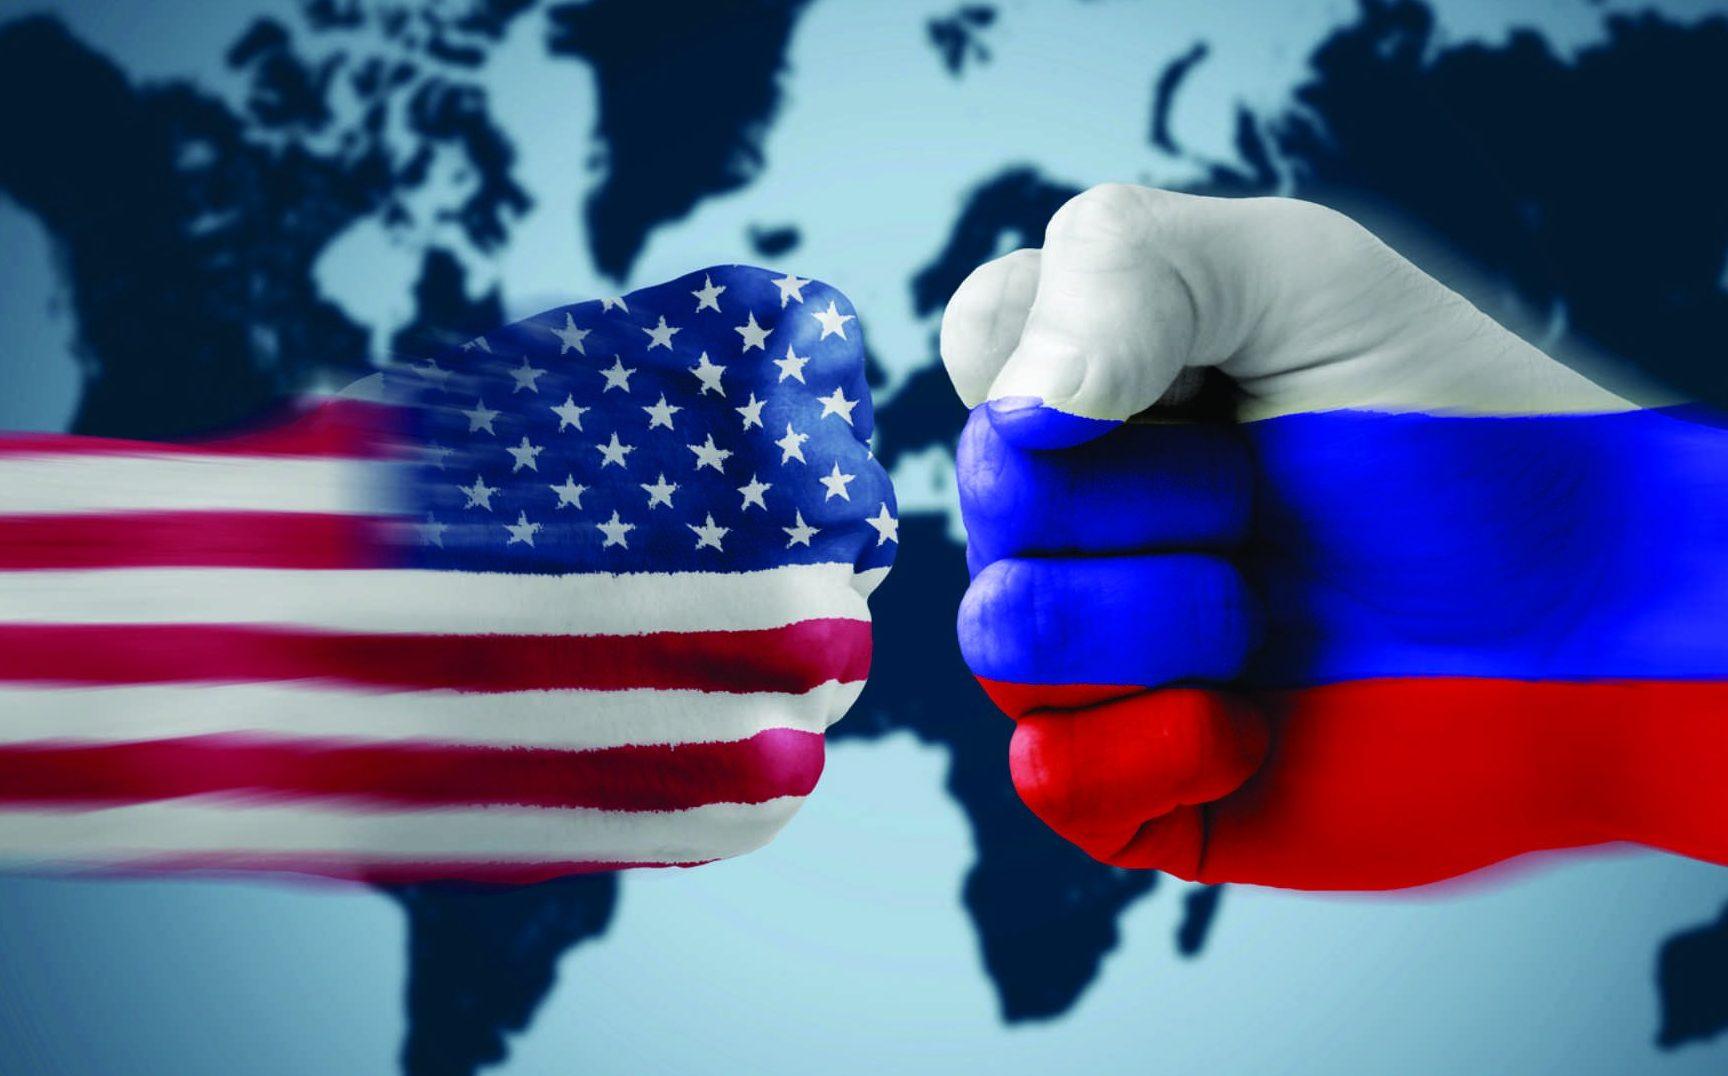 СМИ узнали обответе столицы нановые санкции Вашингтона